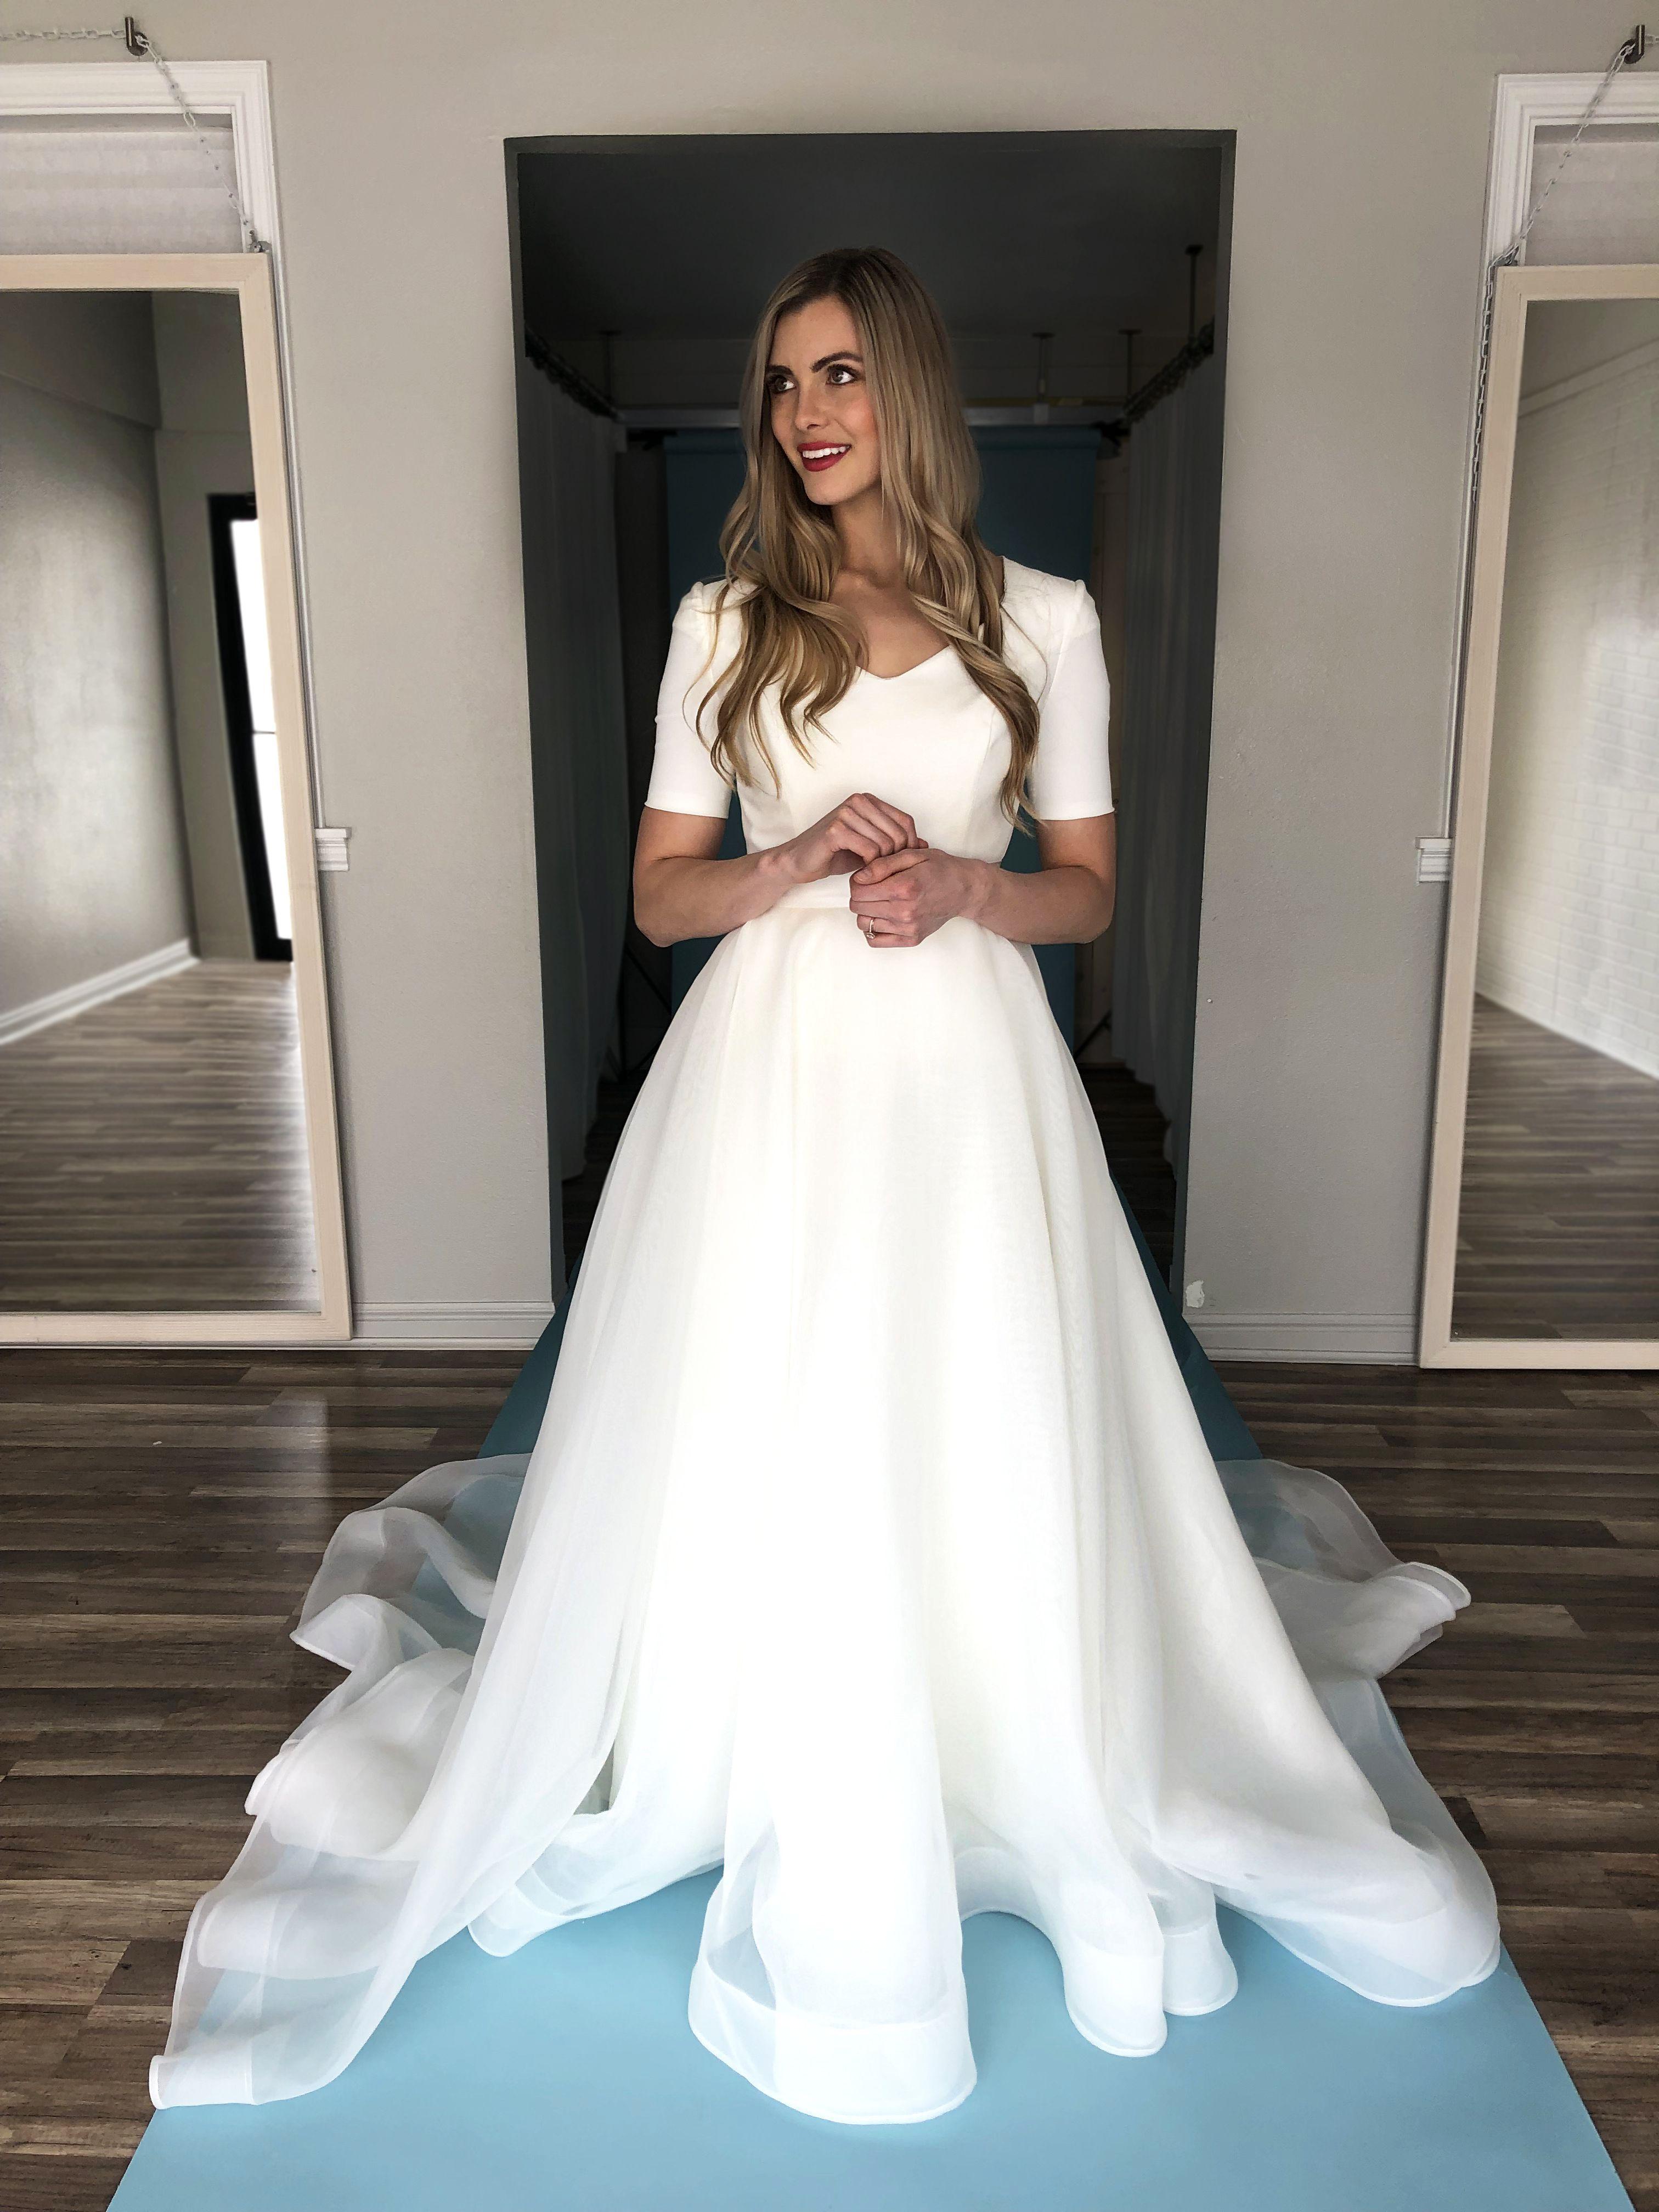 Margaret Gown By Elizabeth Cooper Design Modest Wedding Dress Modest Wed Modest Wedding Dresses With Sleeves Wedding Dress Trends Modest Wedding Dresses